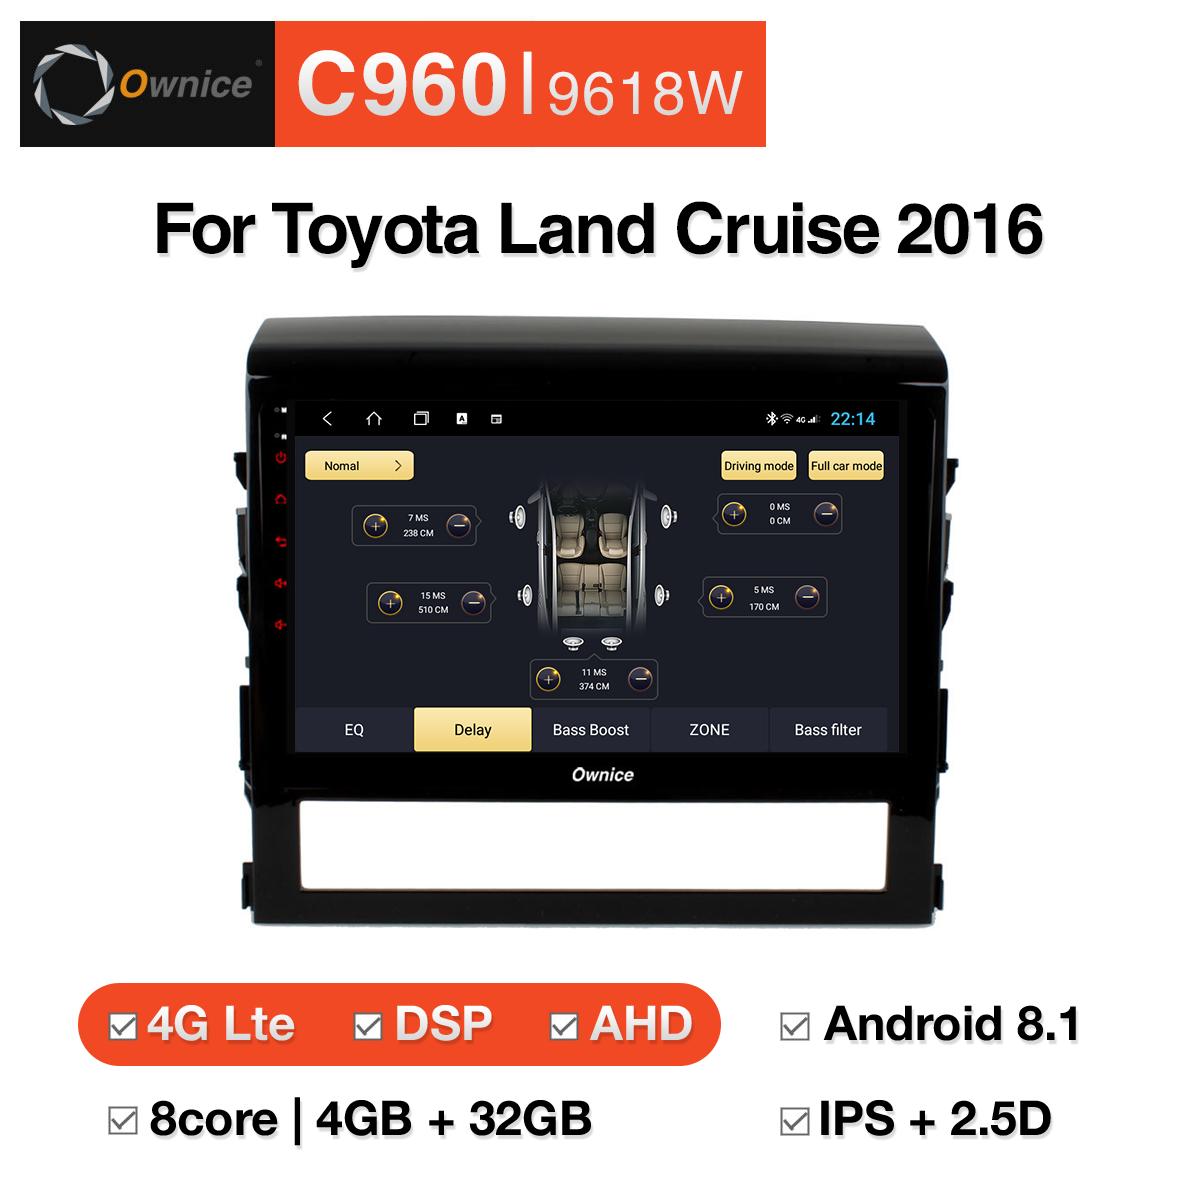 Đầu DVD android Ownice C960 cho xe ô tô Toyota Land Cruise 2016:: OL-9618W